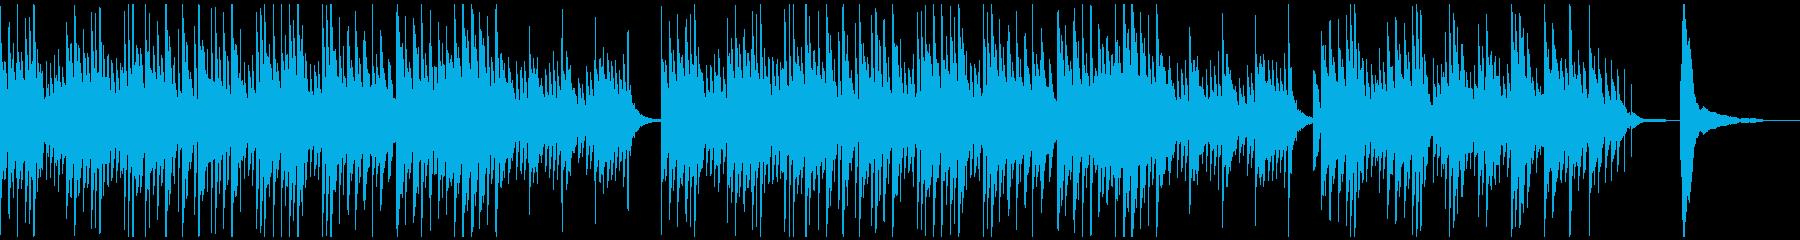 静かで切ない_幻想的なピアノソロの曲の再生済みの波形